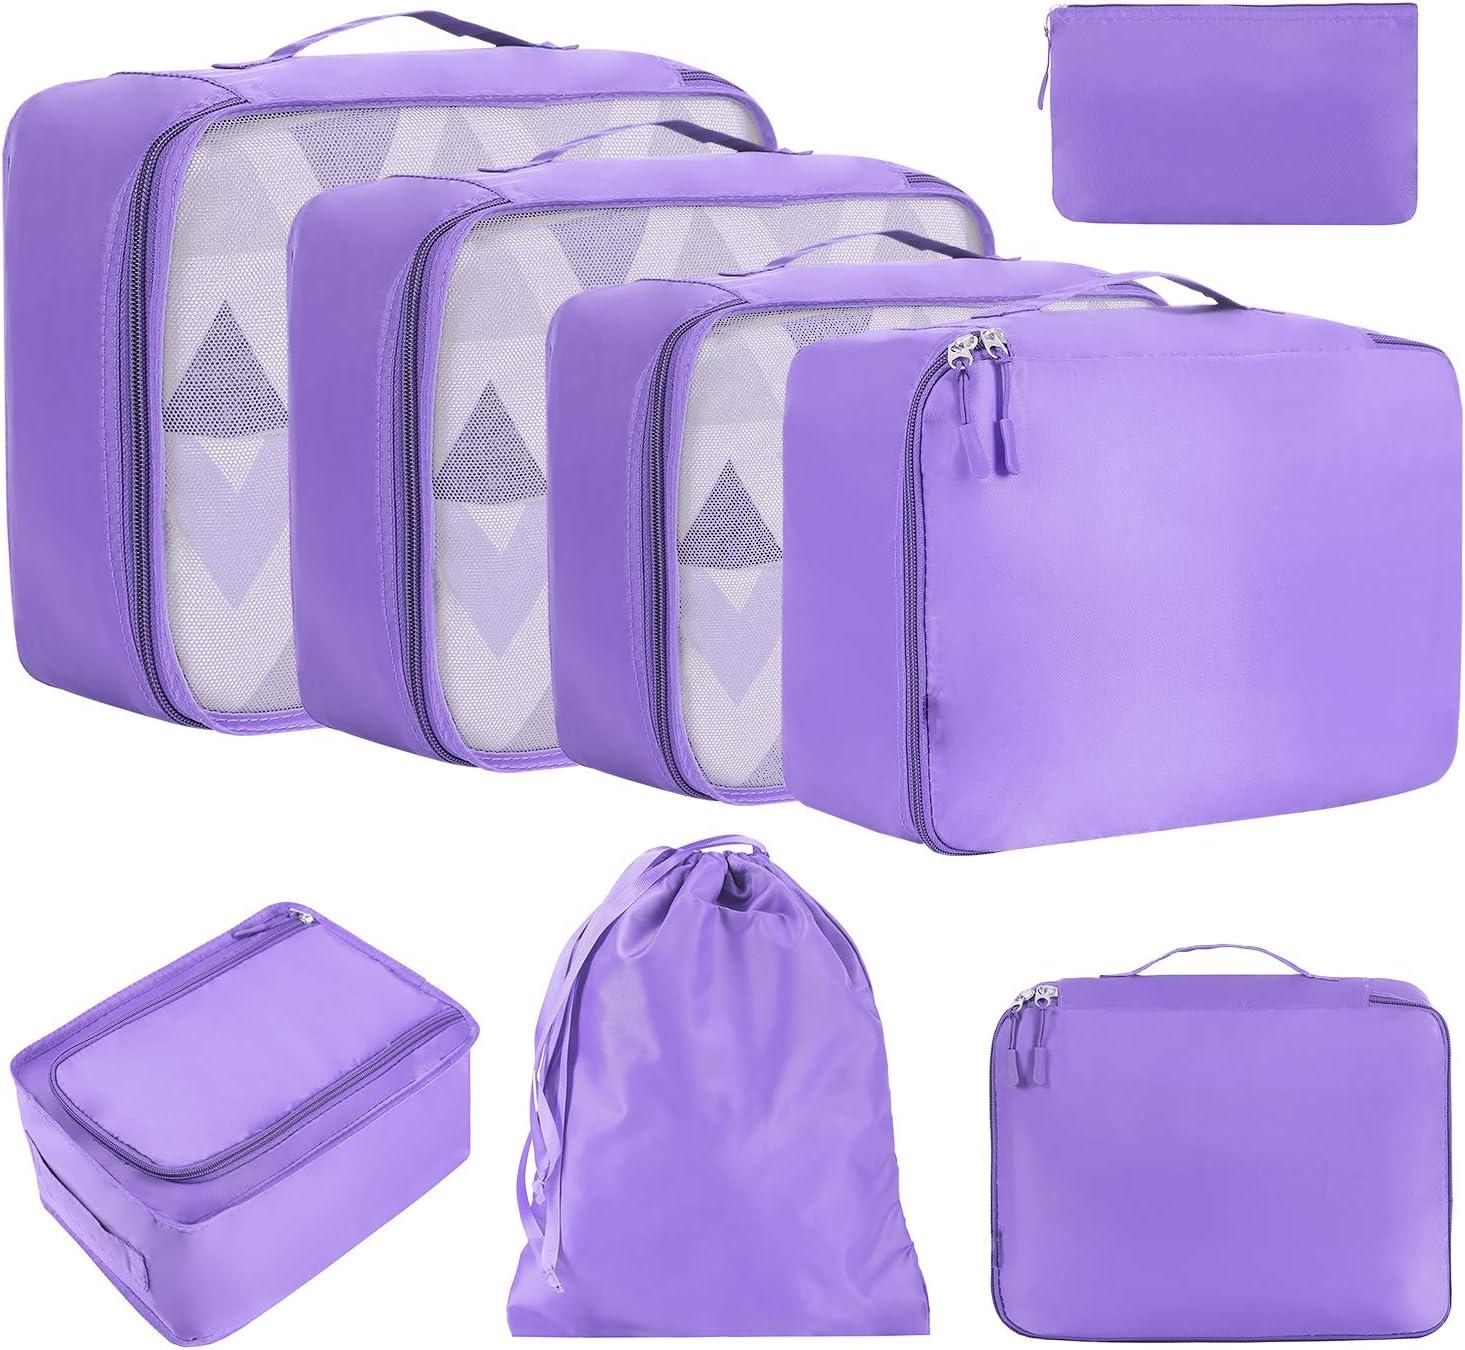 Eono by Amazon - 8 Set Cubos de Embalaje, Organizadores para Maletas, Equipaje de Viaje Organizadores, con Bolsa de Zapatos, Bolsa de Cosméticos y Bolsa de Lavandería, Púrpura